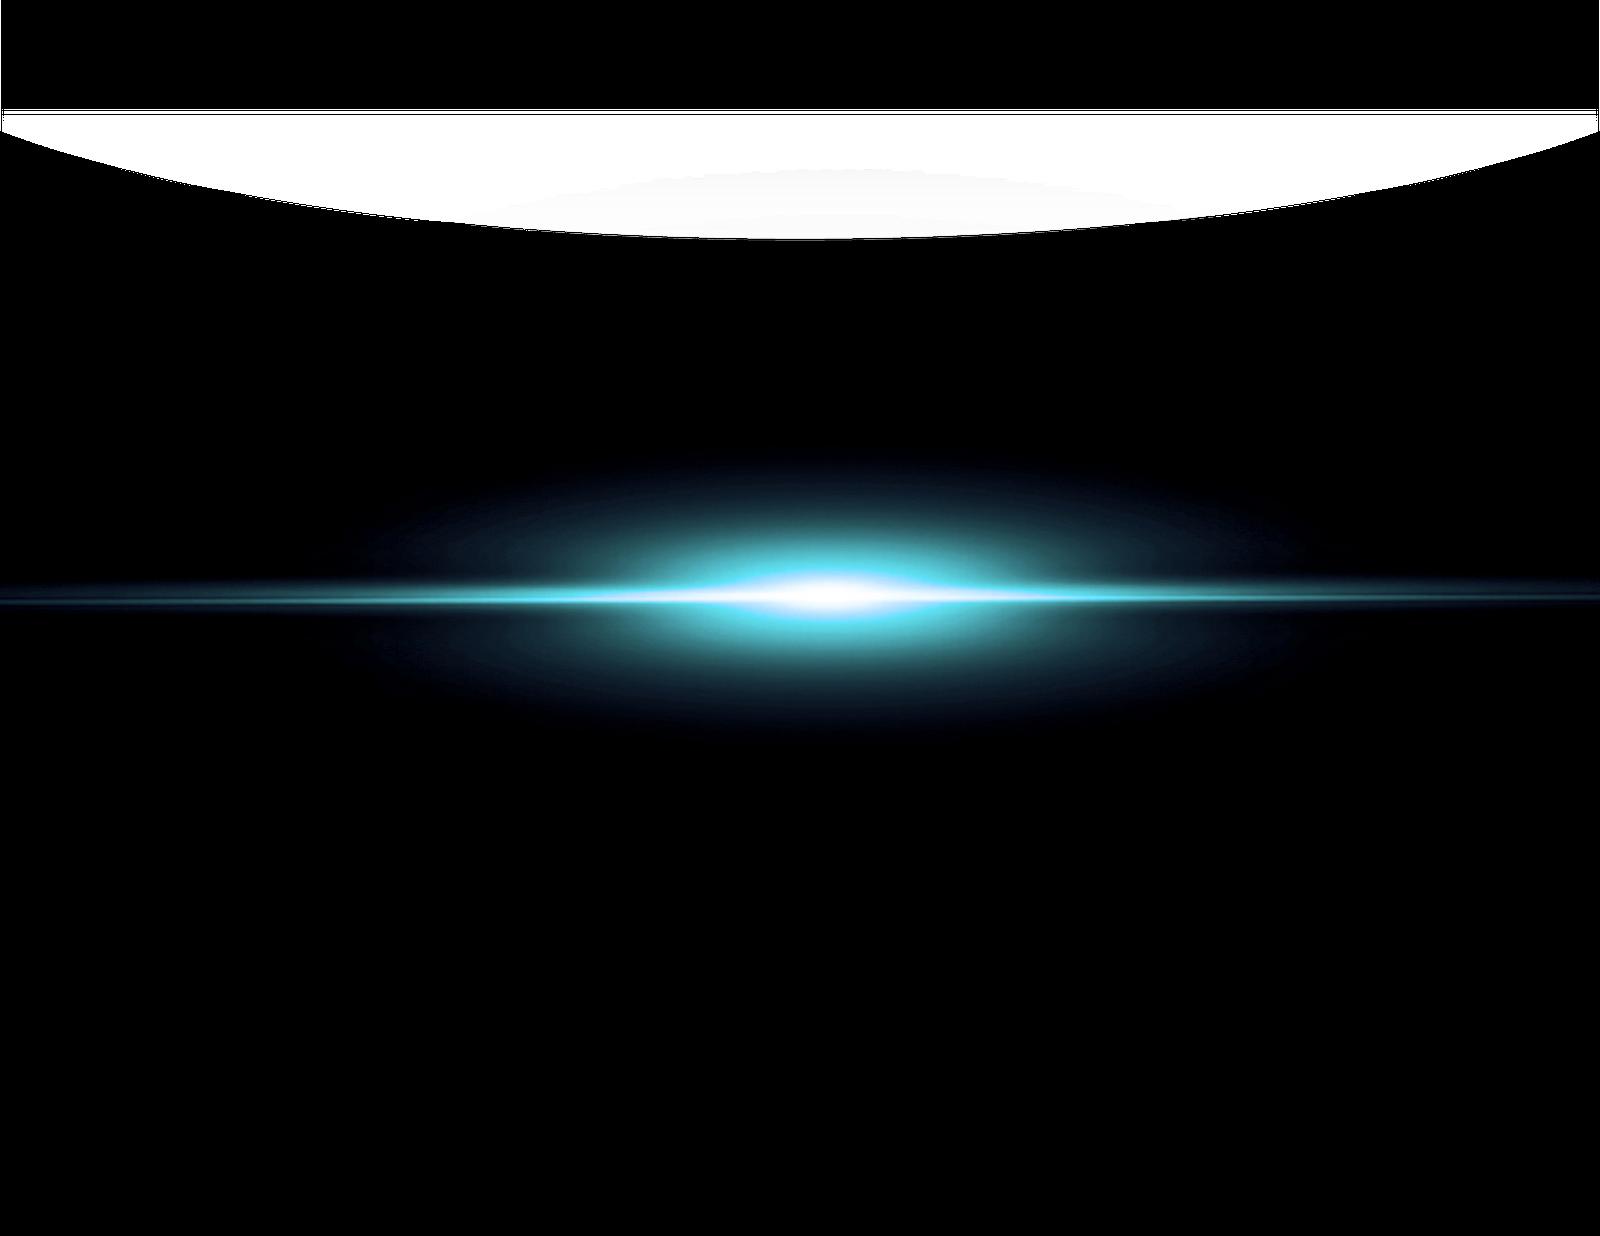 Efectos png para photoscape luces » PNG Image.